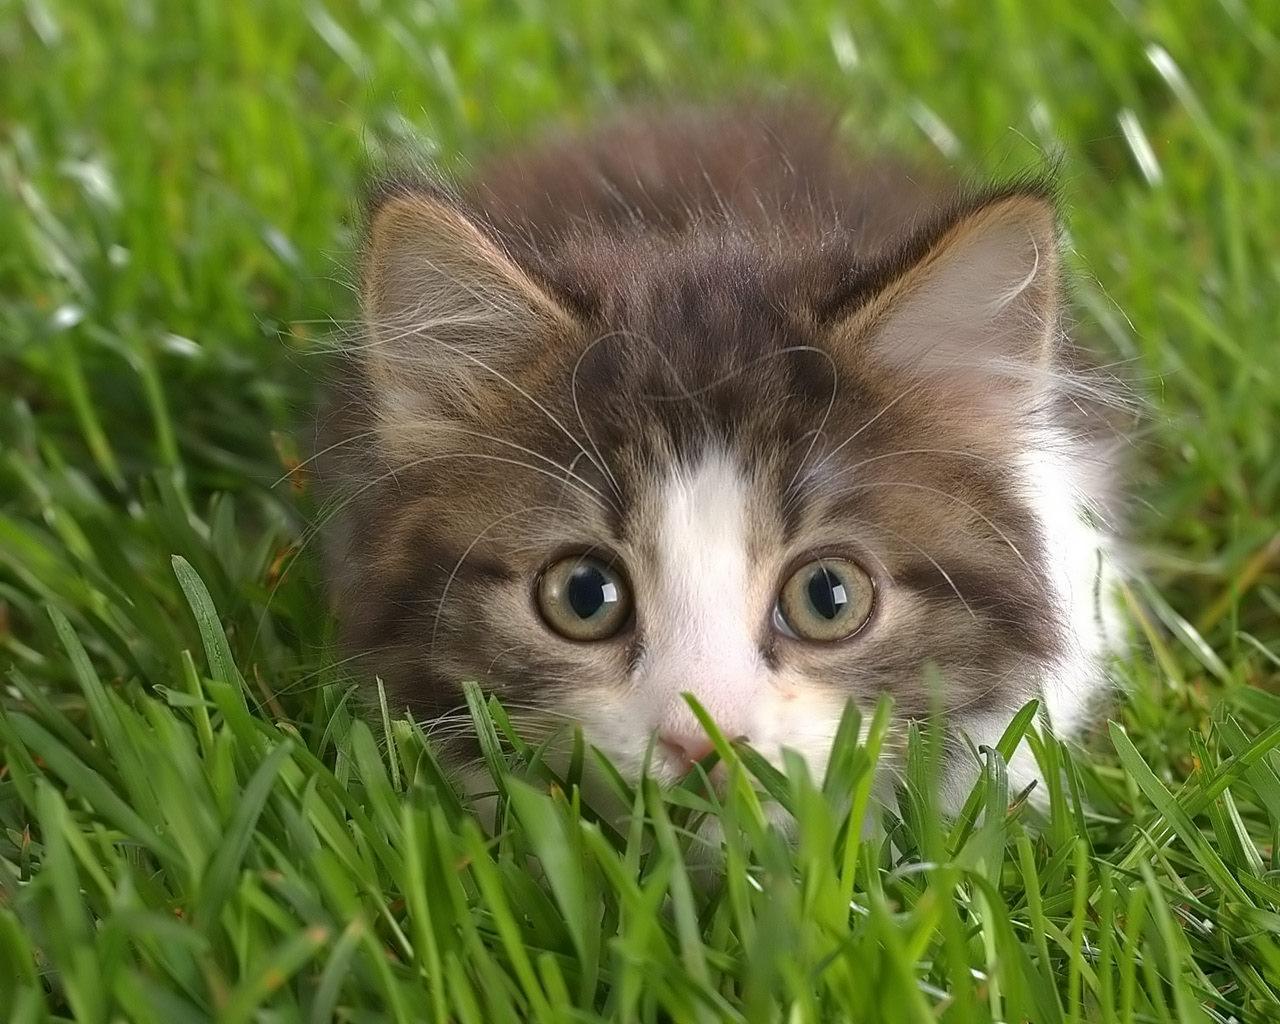 больше покажи мне картинки котиков тёлочки